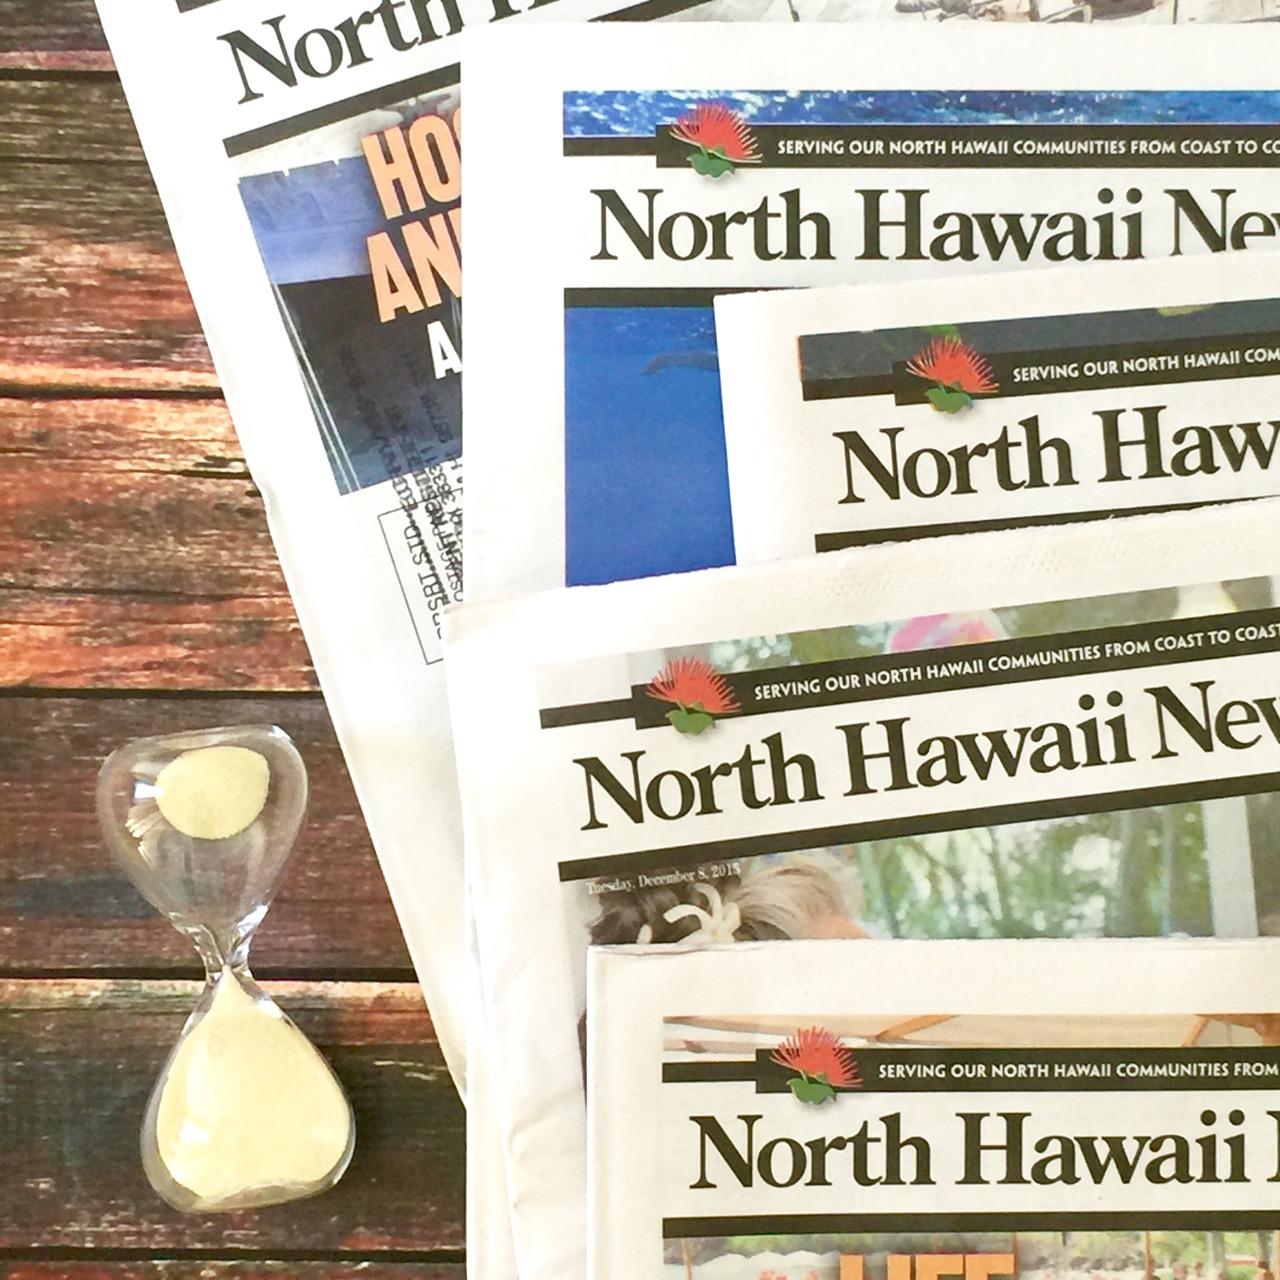 Writers Corner Column by Darien Gee in North Hawaii News ♥ www.dariengee.com